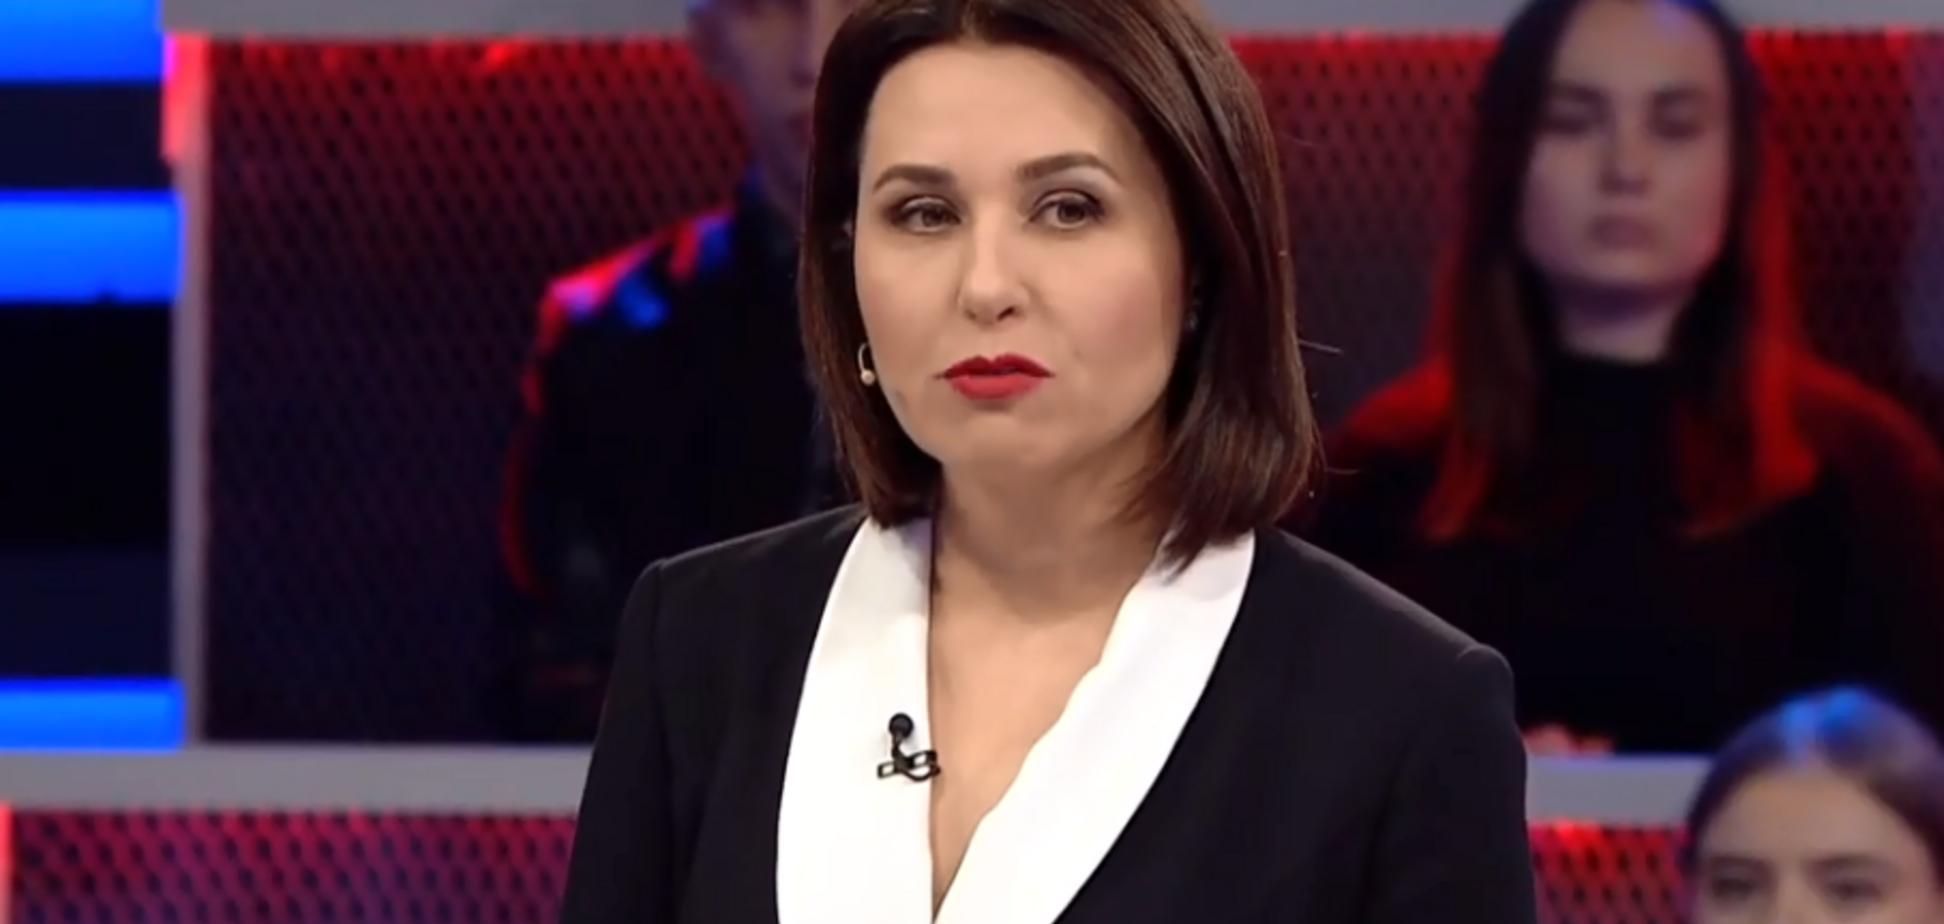 'Раша тудей отдыхает!' Ведущая 'Права на владу' назвала украинцев ботами: в сети скандал